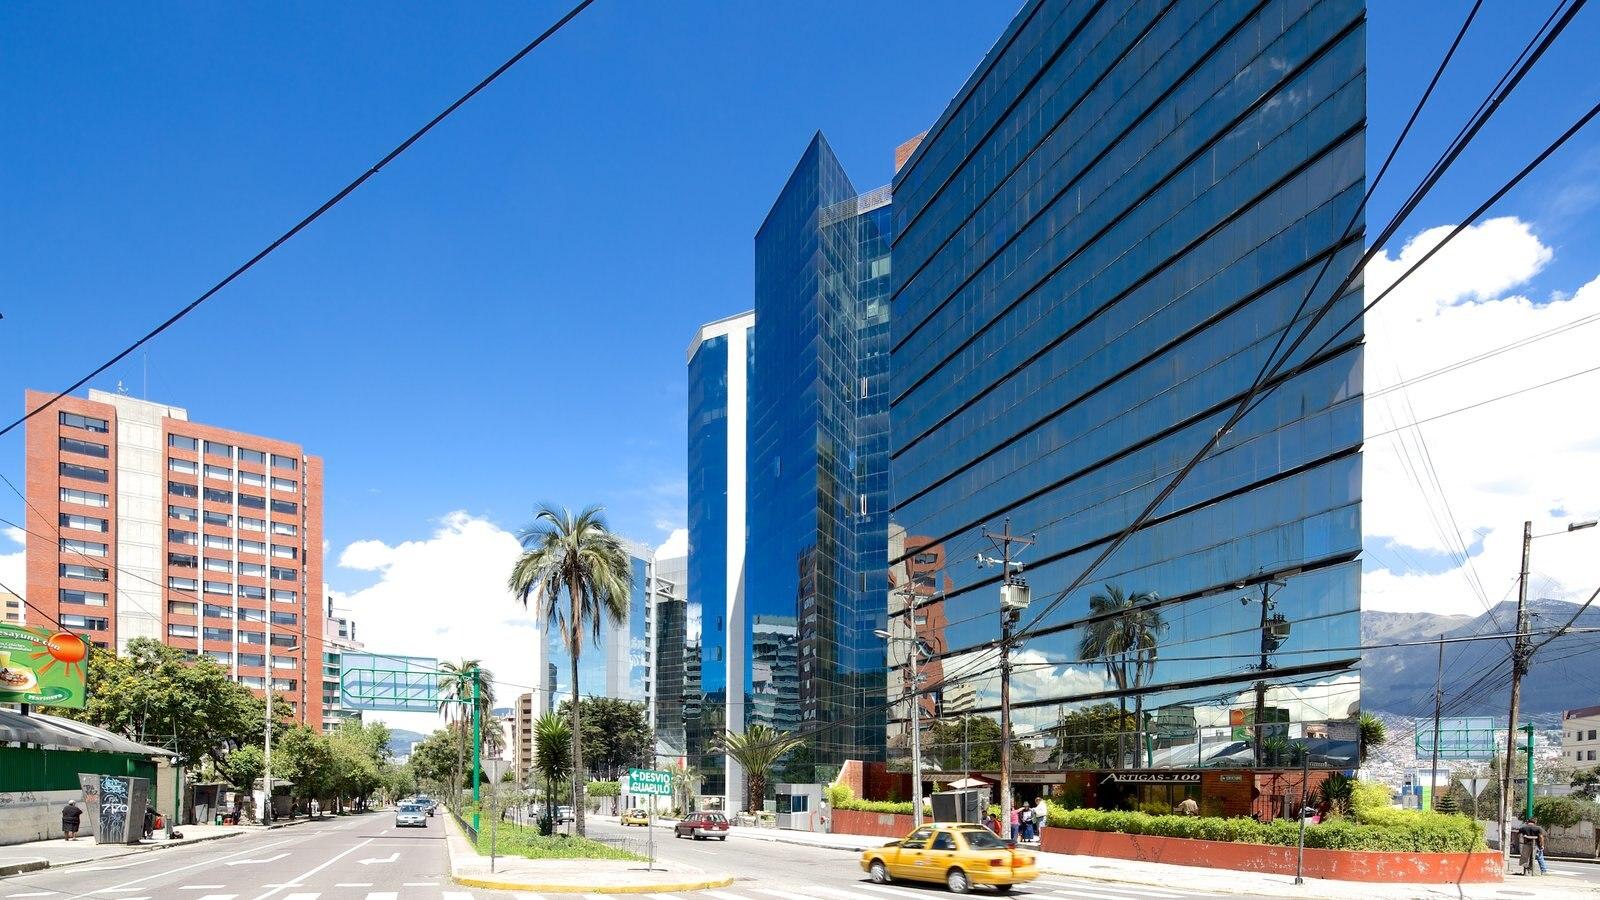 Quito mostrando arquitetura moderna, distrito comercial central e cenas de rua